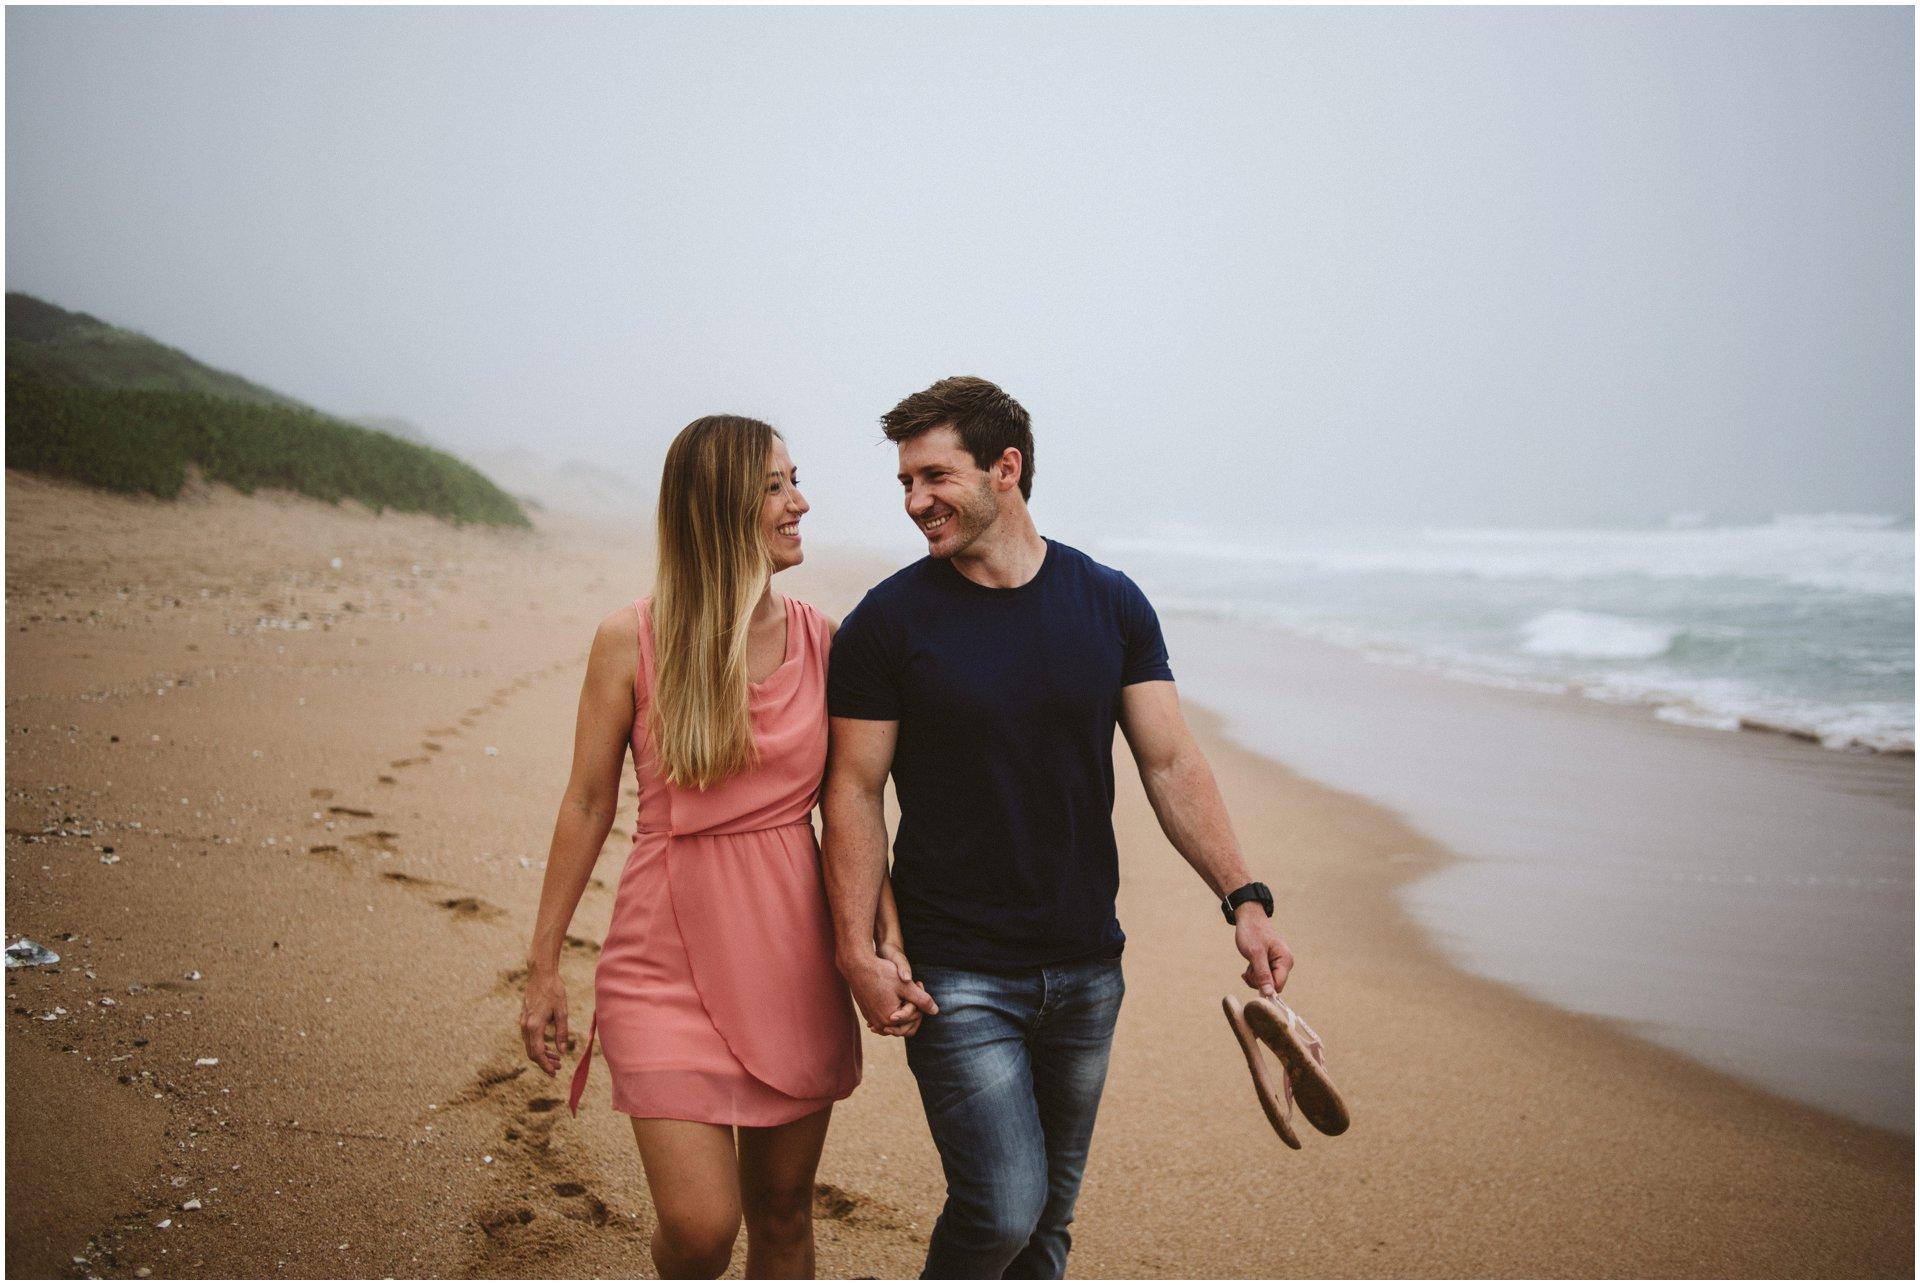 Durban photographer, beach engagement shoot, durban wedding photographer, underwater durban photos, South African Wedding Photographer, South African Elopement, Misty beach walk